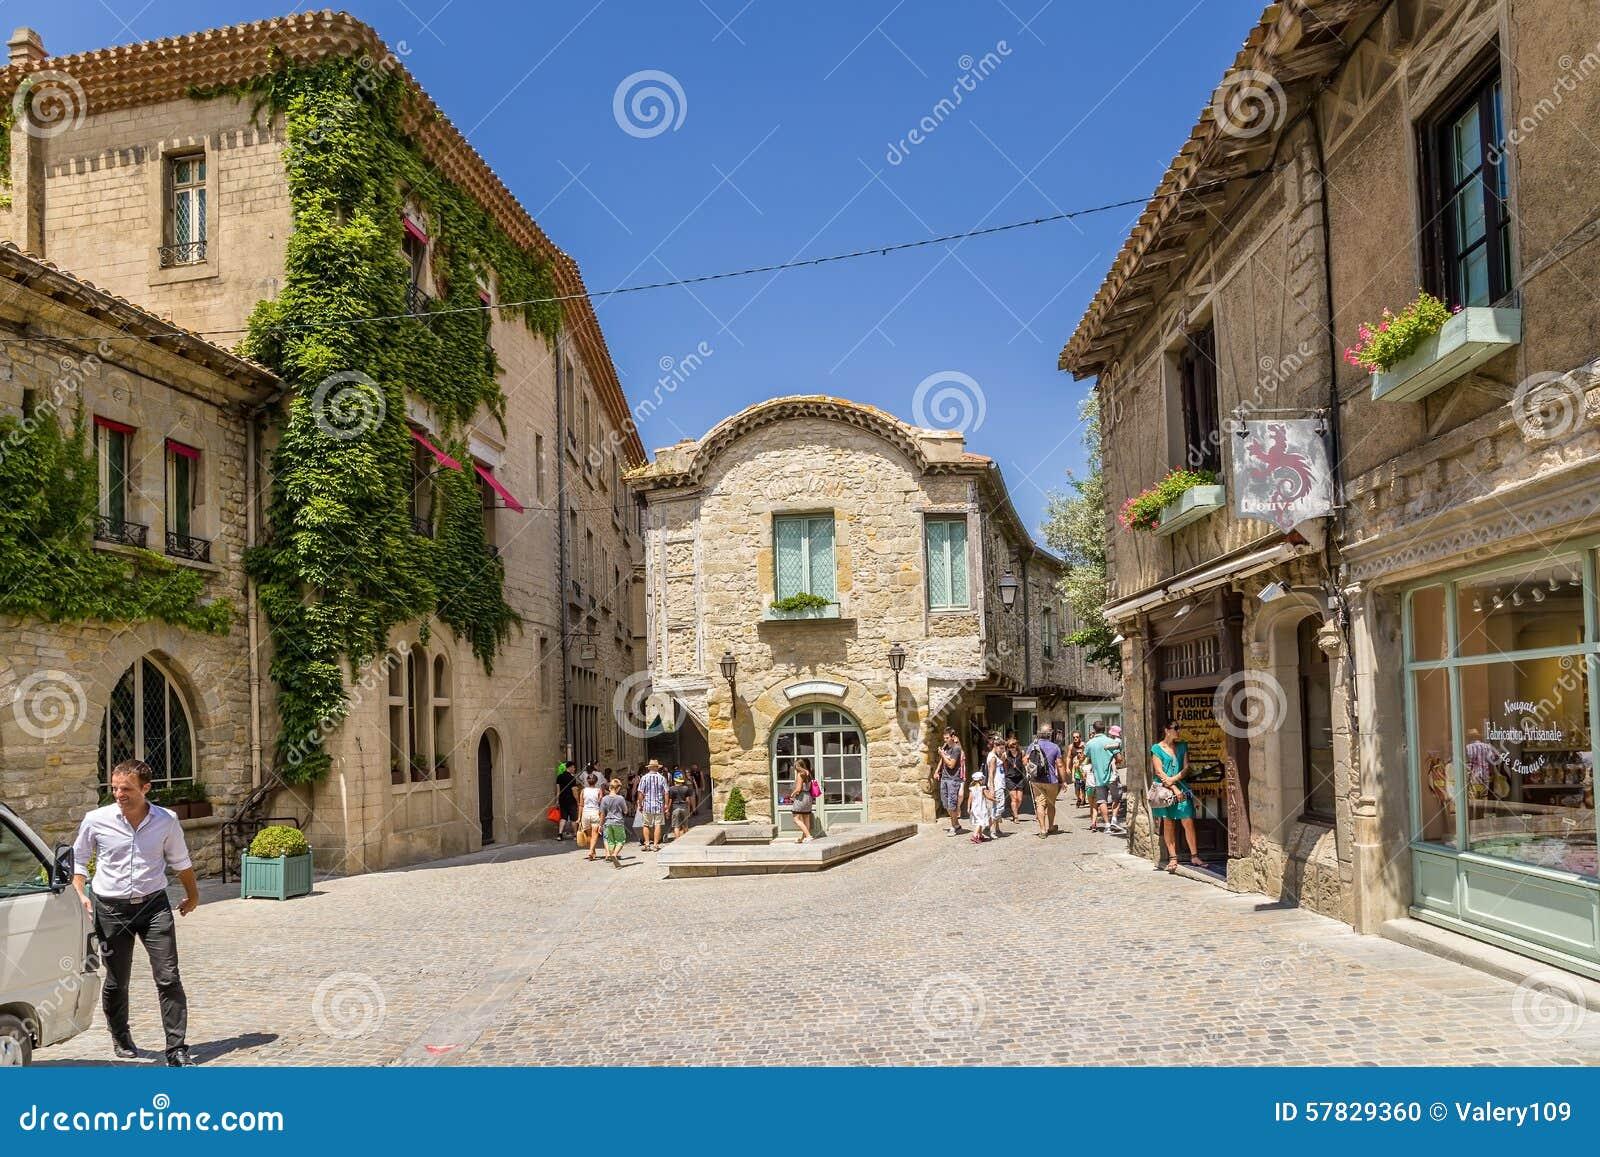 Carcassonne France Une Des Rues De La Vieille Ville Image